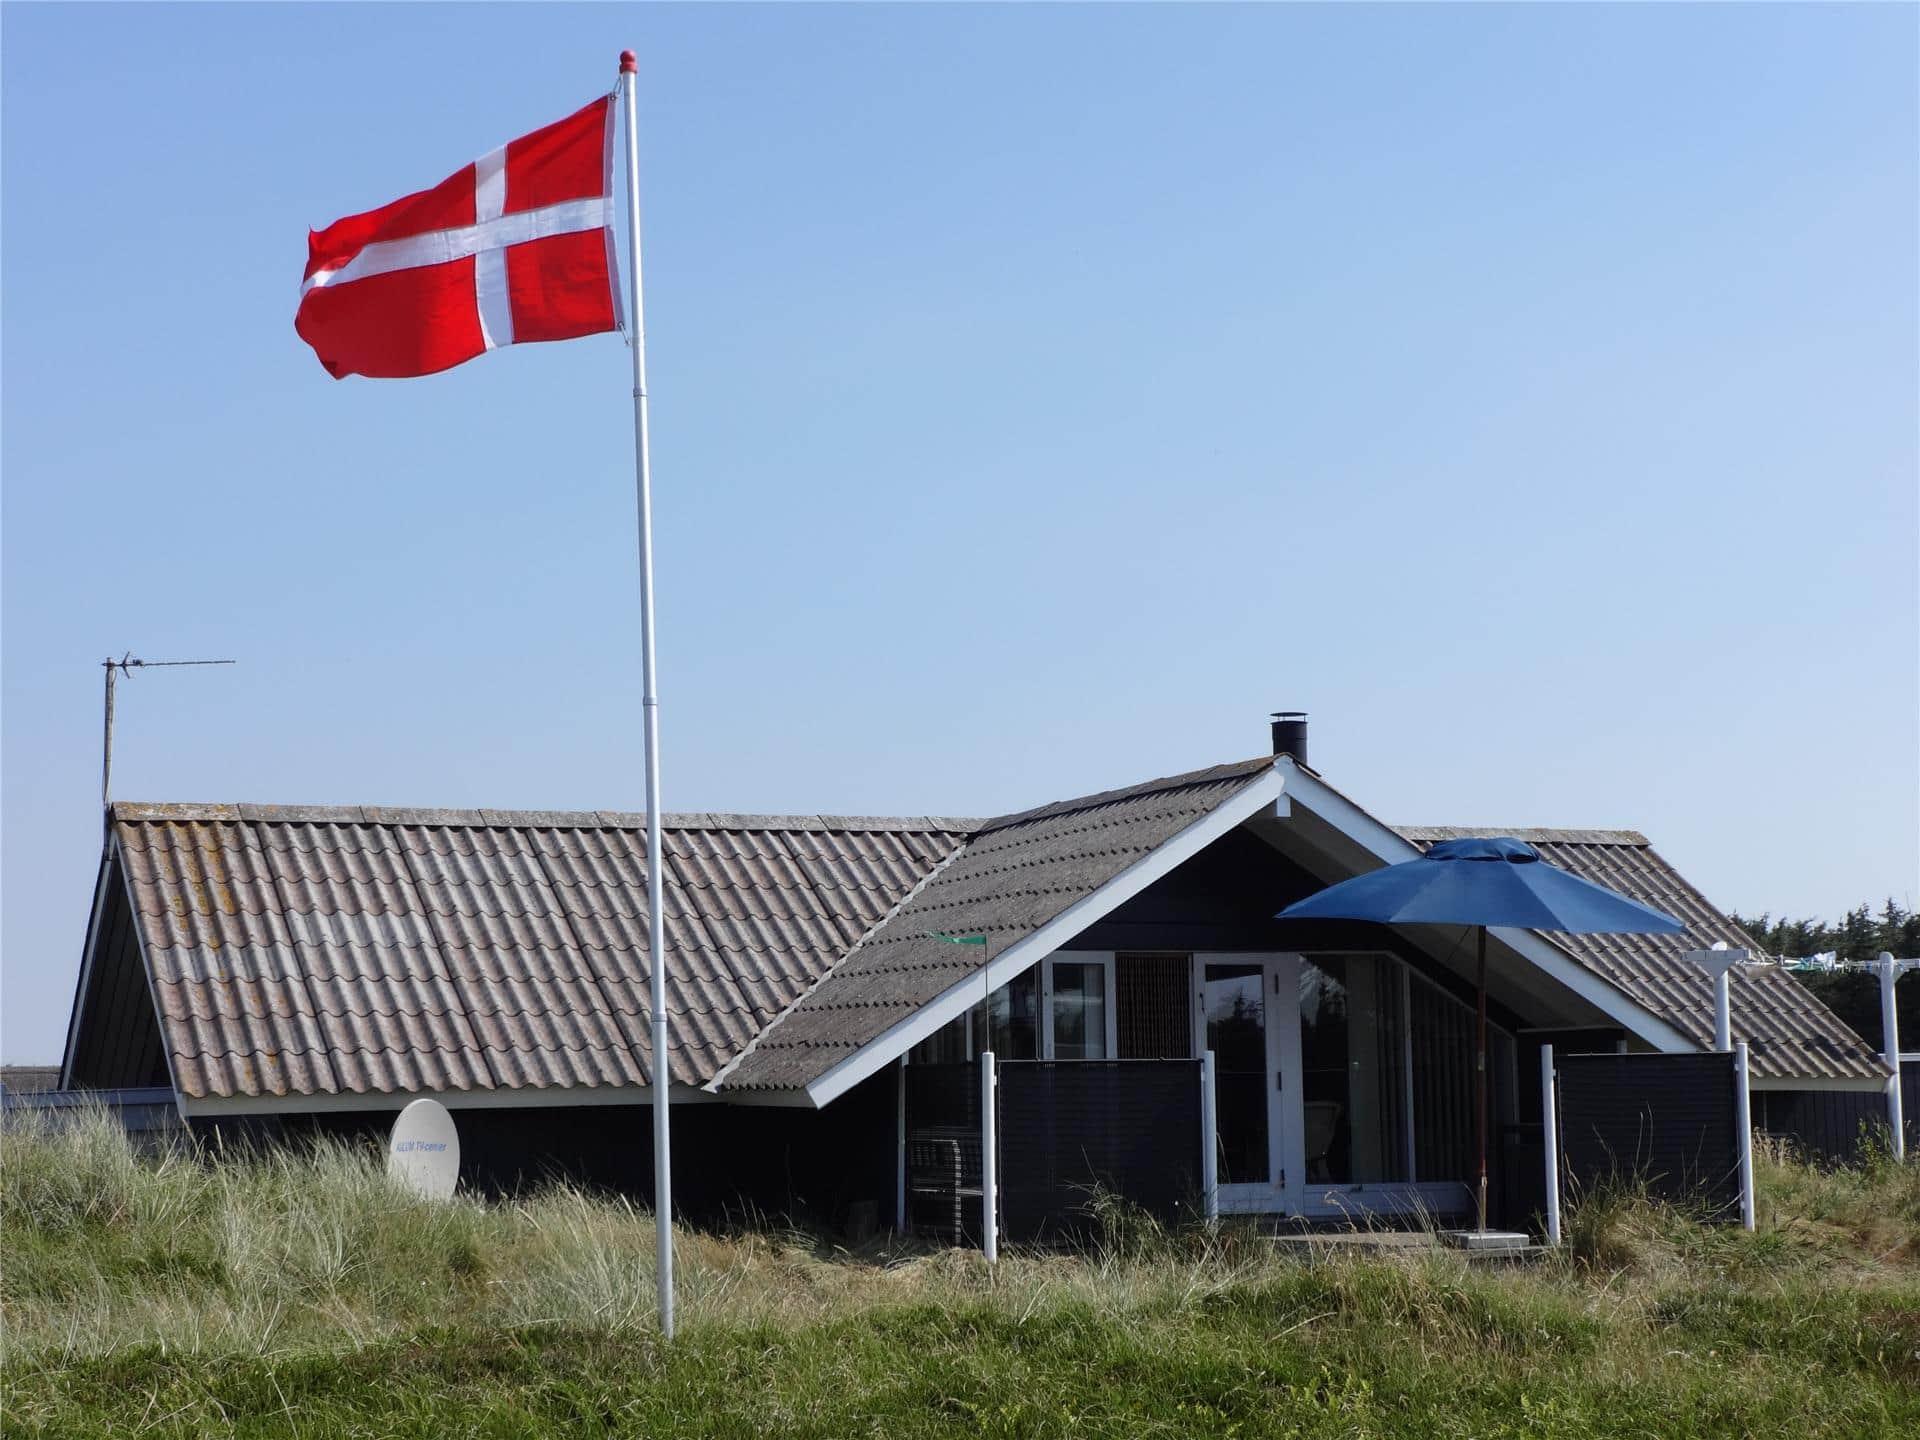 Afbeelding 1-20 Vakantiehuis 208, Værmlandvej 9, DK - 7673 Harboøre